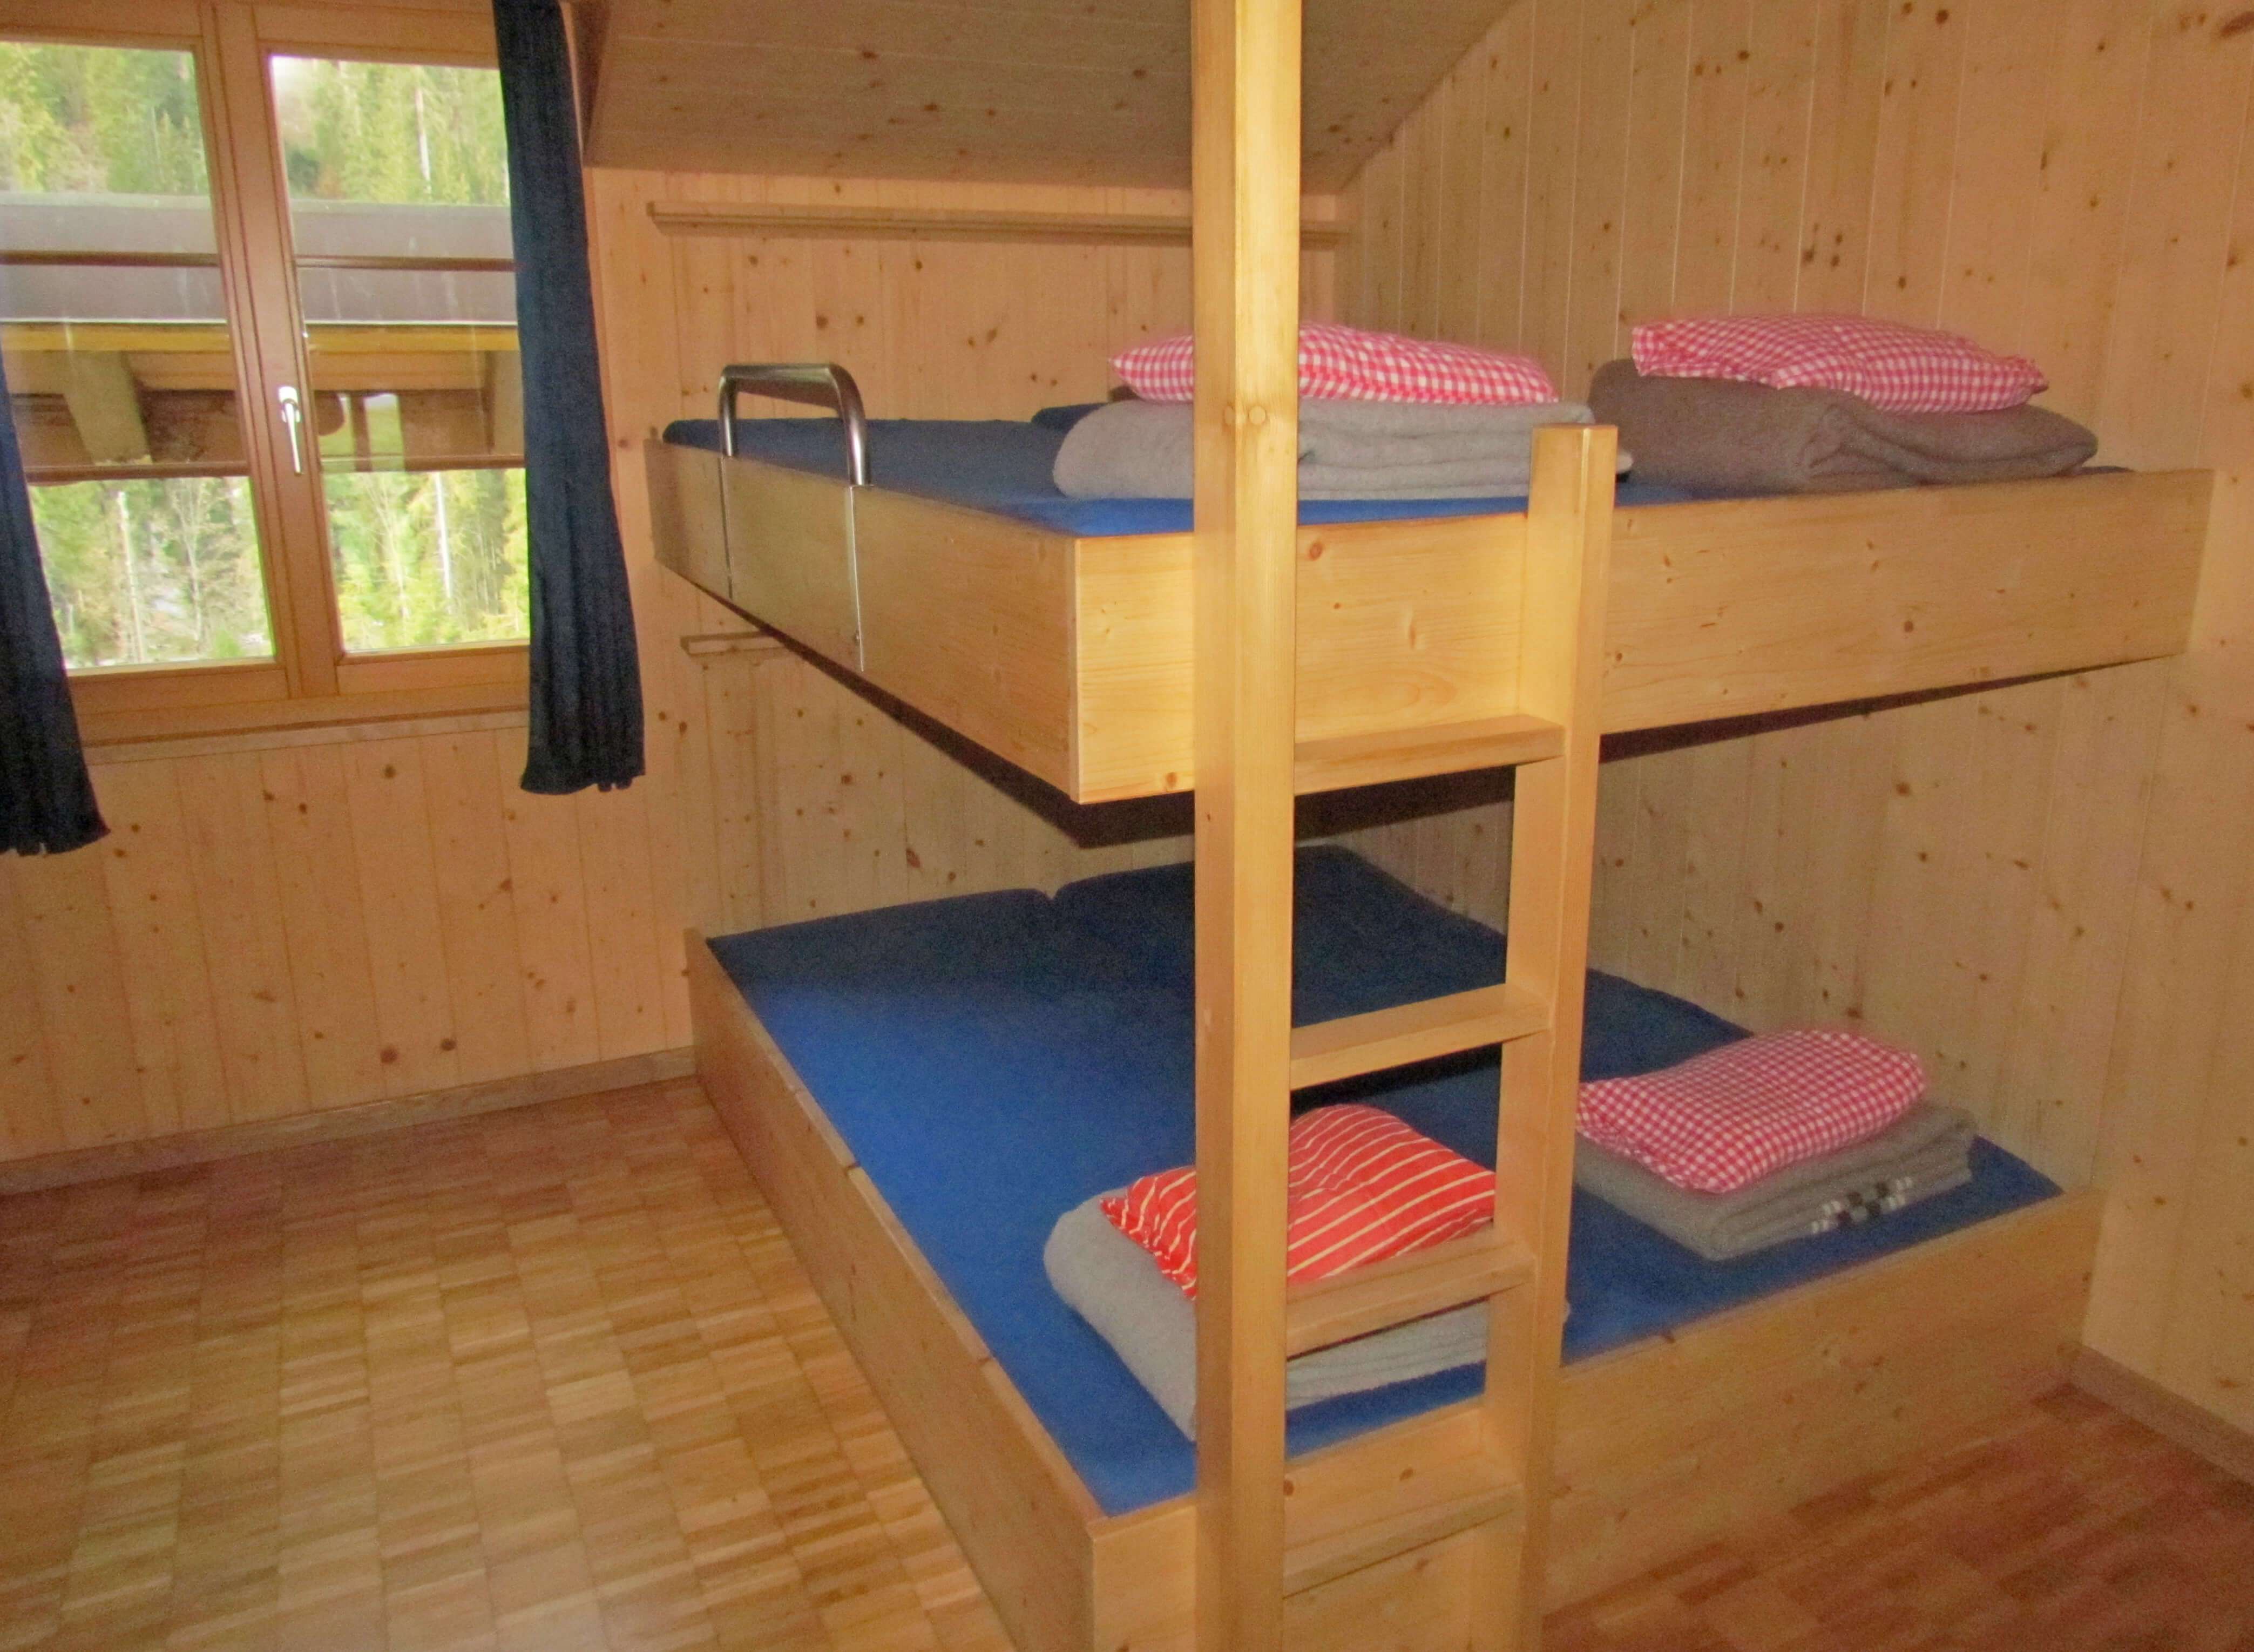 Schlafraum Etagebetten Wolldecken Staldenmaadhütte